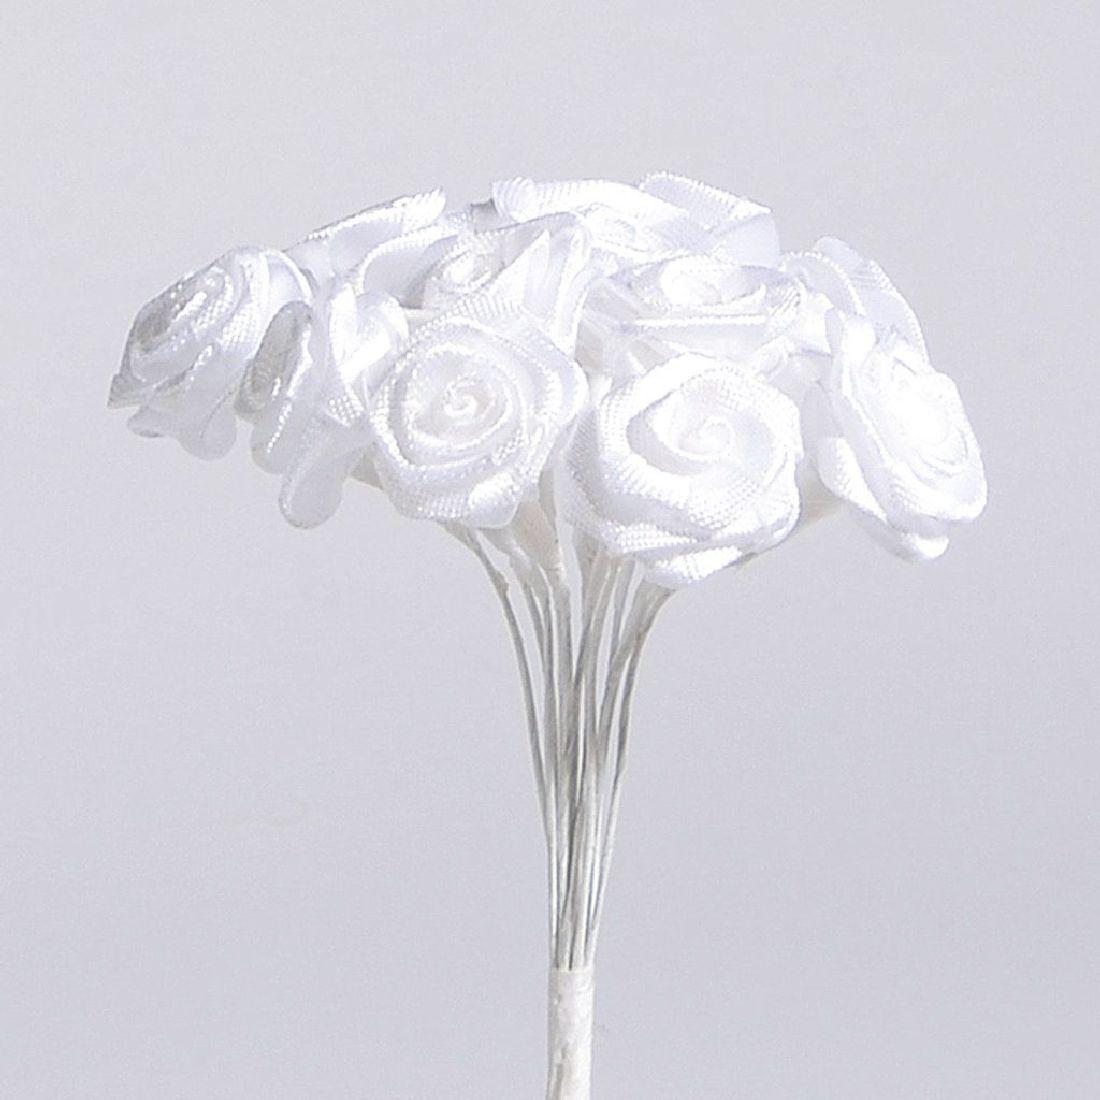 Diorröschen  1Bund=12Blüten WEISS 19011 13609 1,5cm am Stiel (144 Blüten)